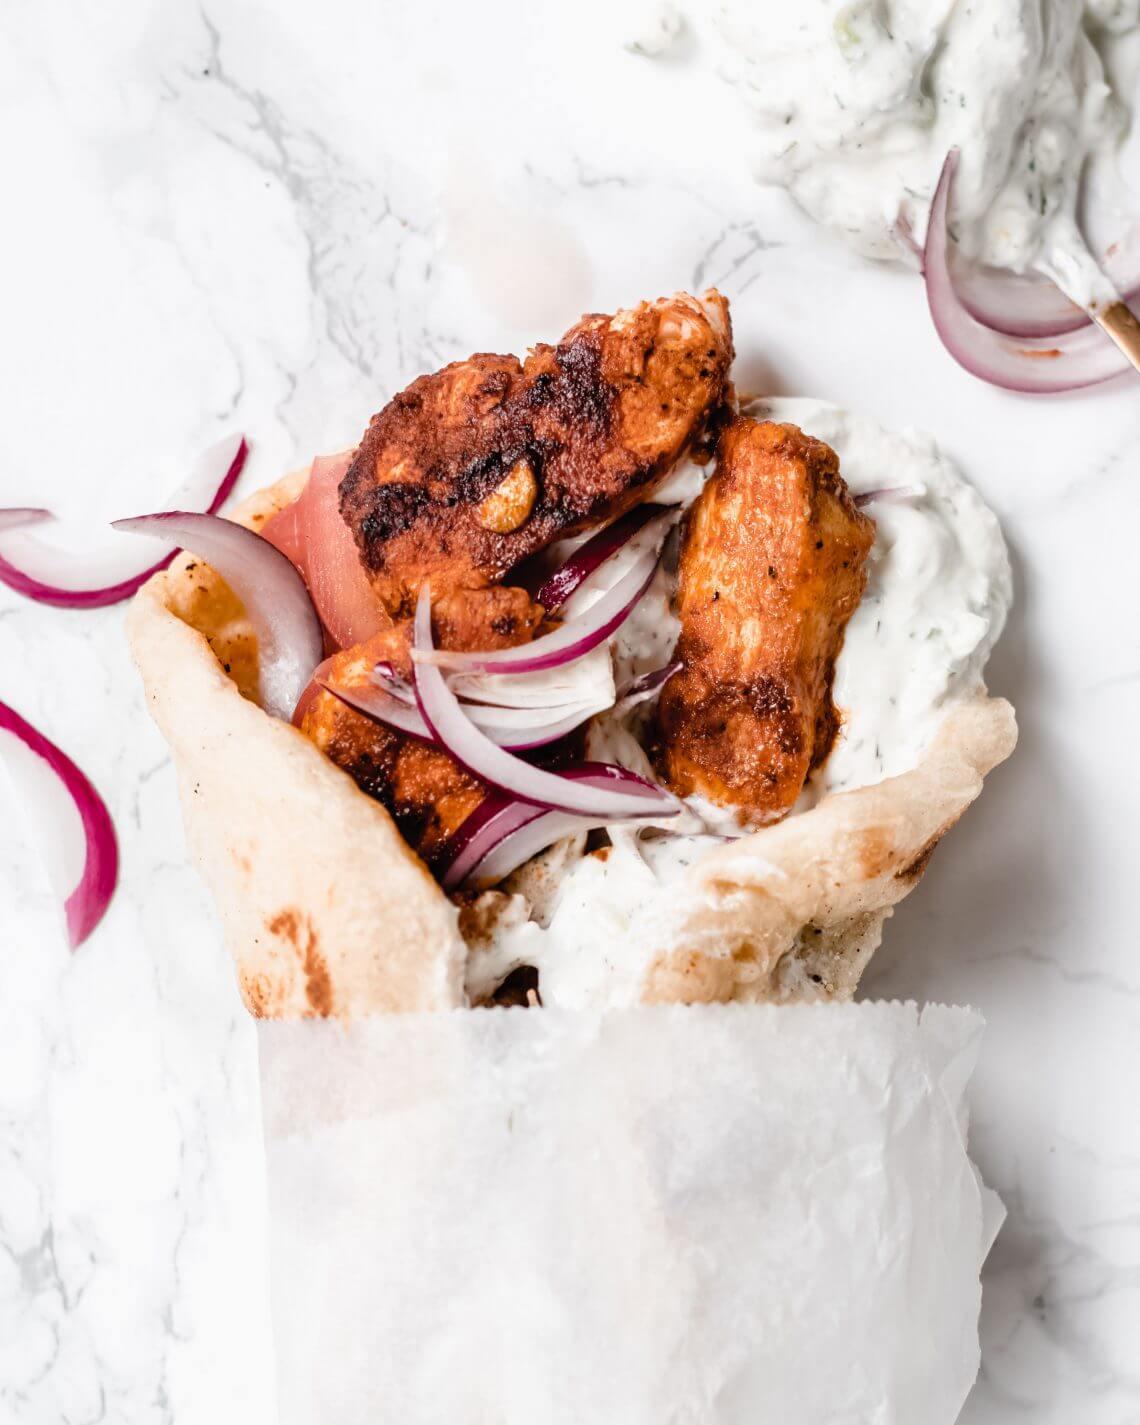 griekse pita met gyros en tzatziki